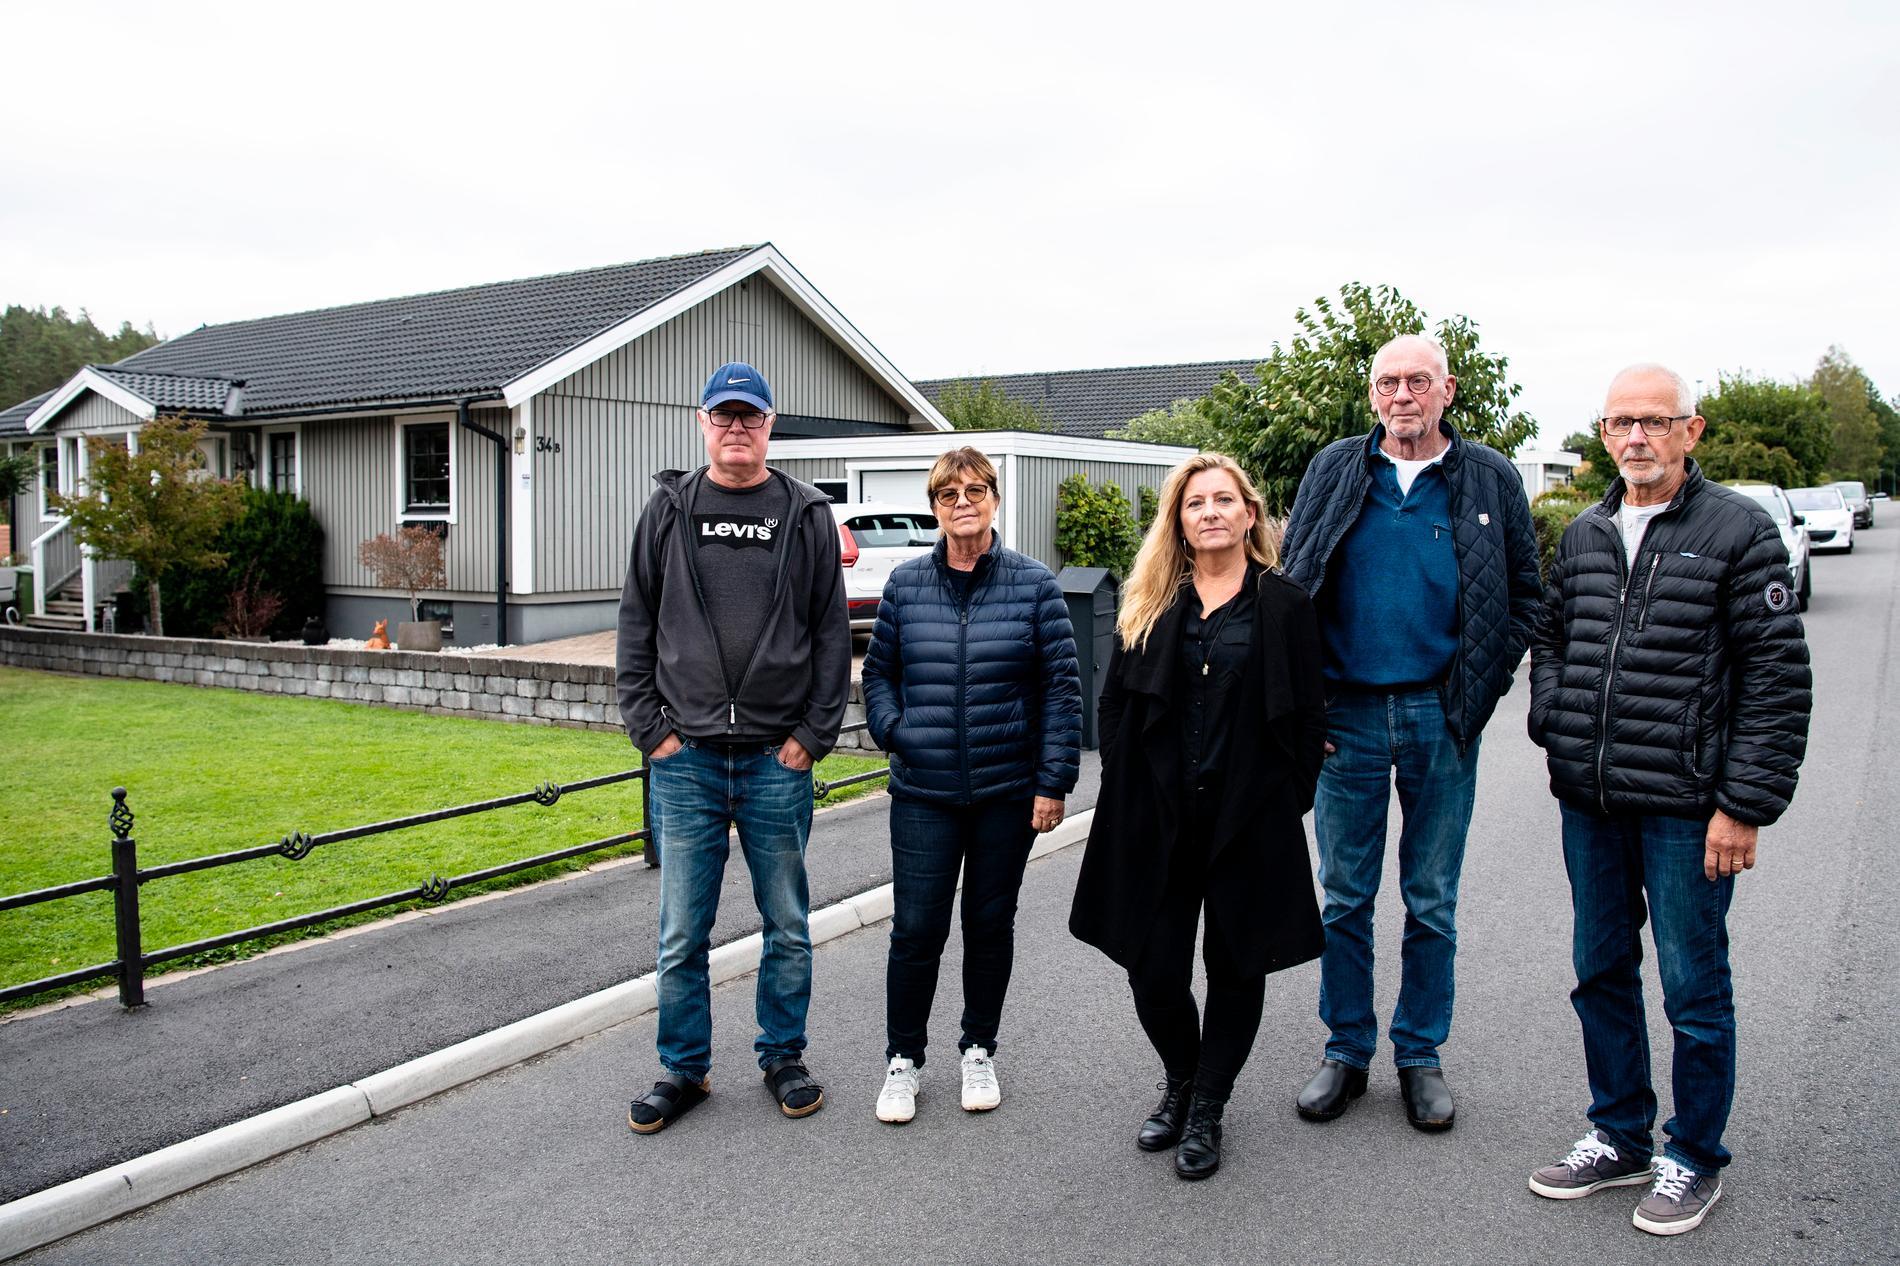 Från vänster: Urban Wikander, Marie Wikander, Katarina Prien, Gunnar Flood och Leif Dahl. Fyra av sex hushåll som bor på den förorenade marken i Jönköping.